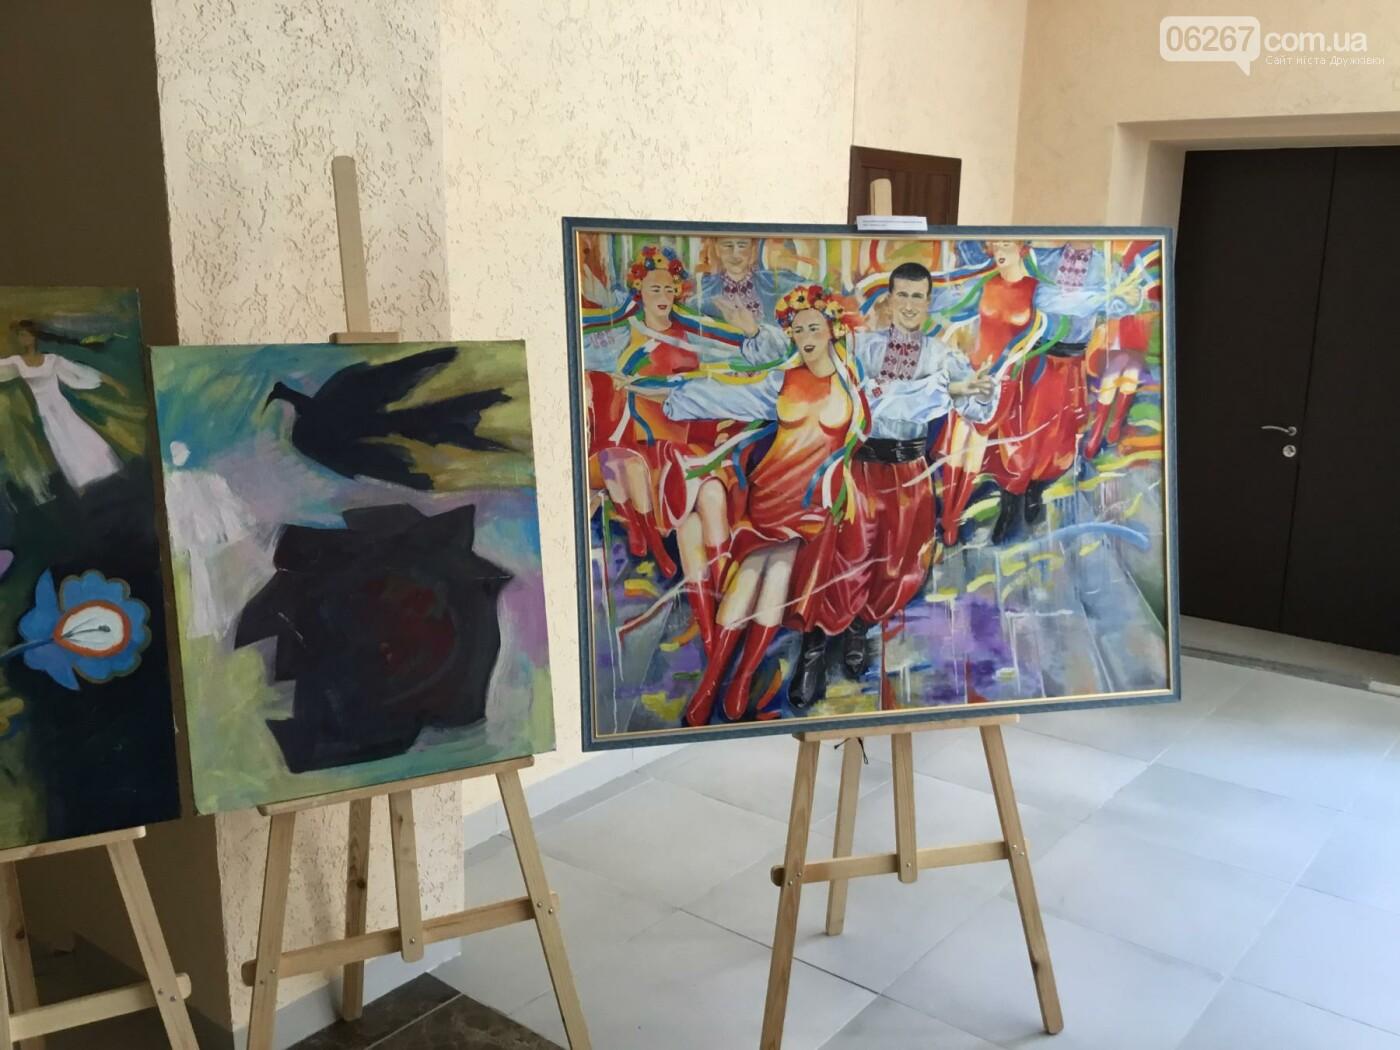 Праздник Независимости в Дружковке отметили выставкой картин и изделий народного творчества (ФОТО, ВИДЕО), фото-1